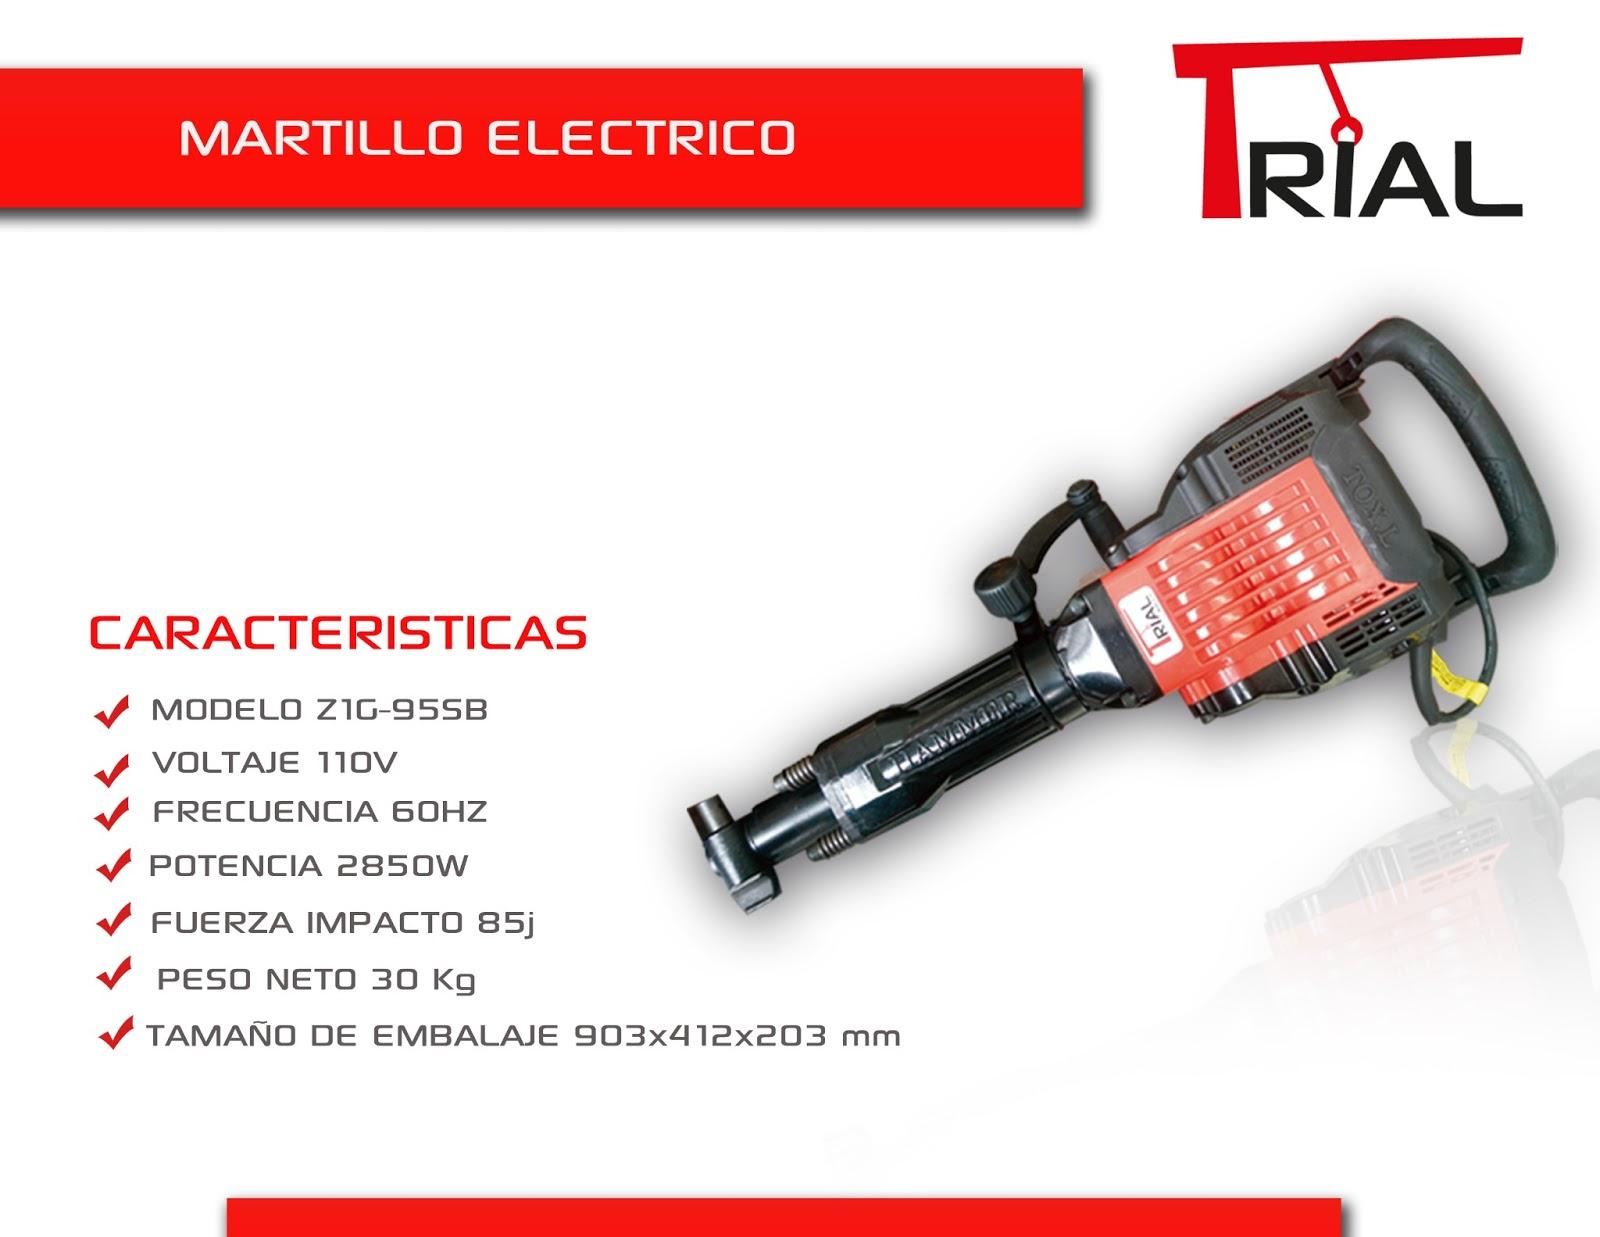 Trial comercializadora s a s de arkitectura - Martillo cincelador electrico ...